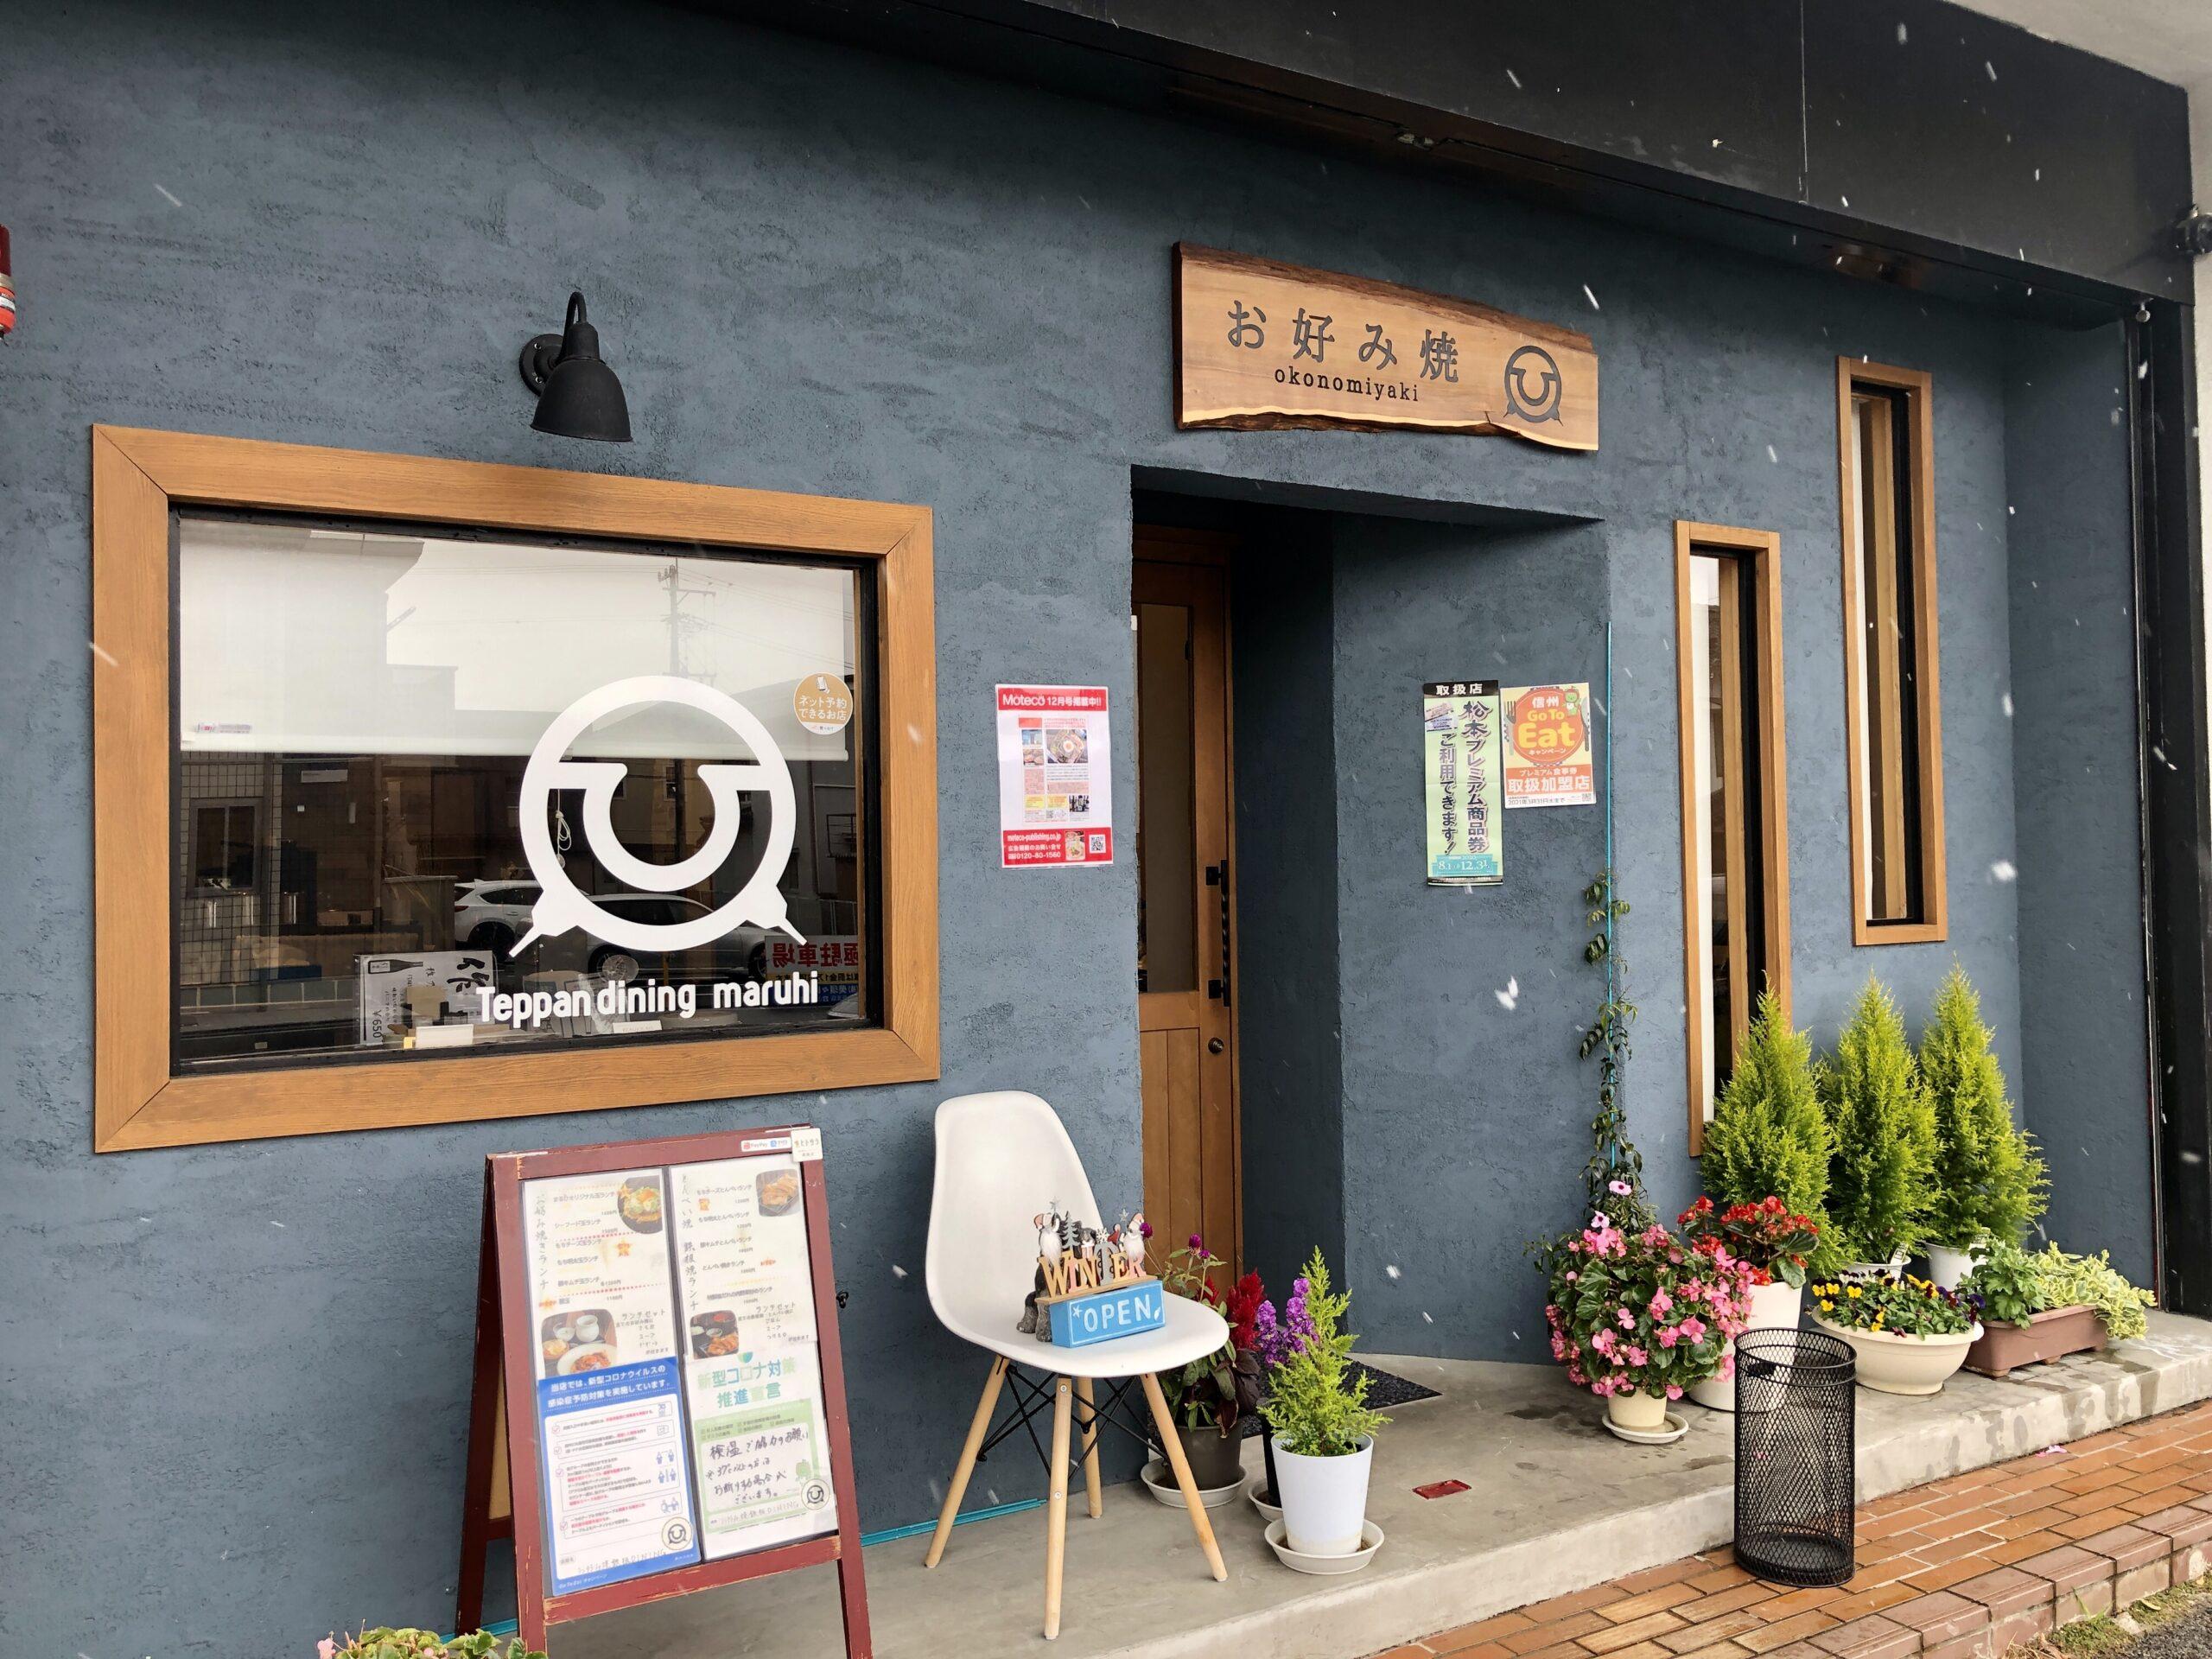 【松本市】お好み焼鉄板ダイニング「まるひ」で至福の昼飲み